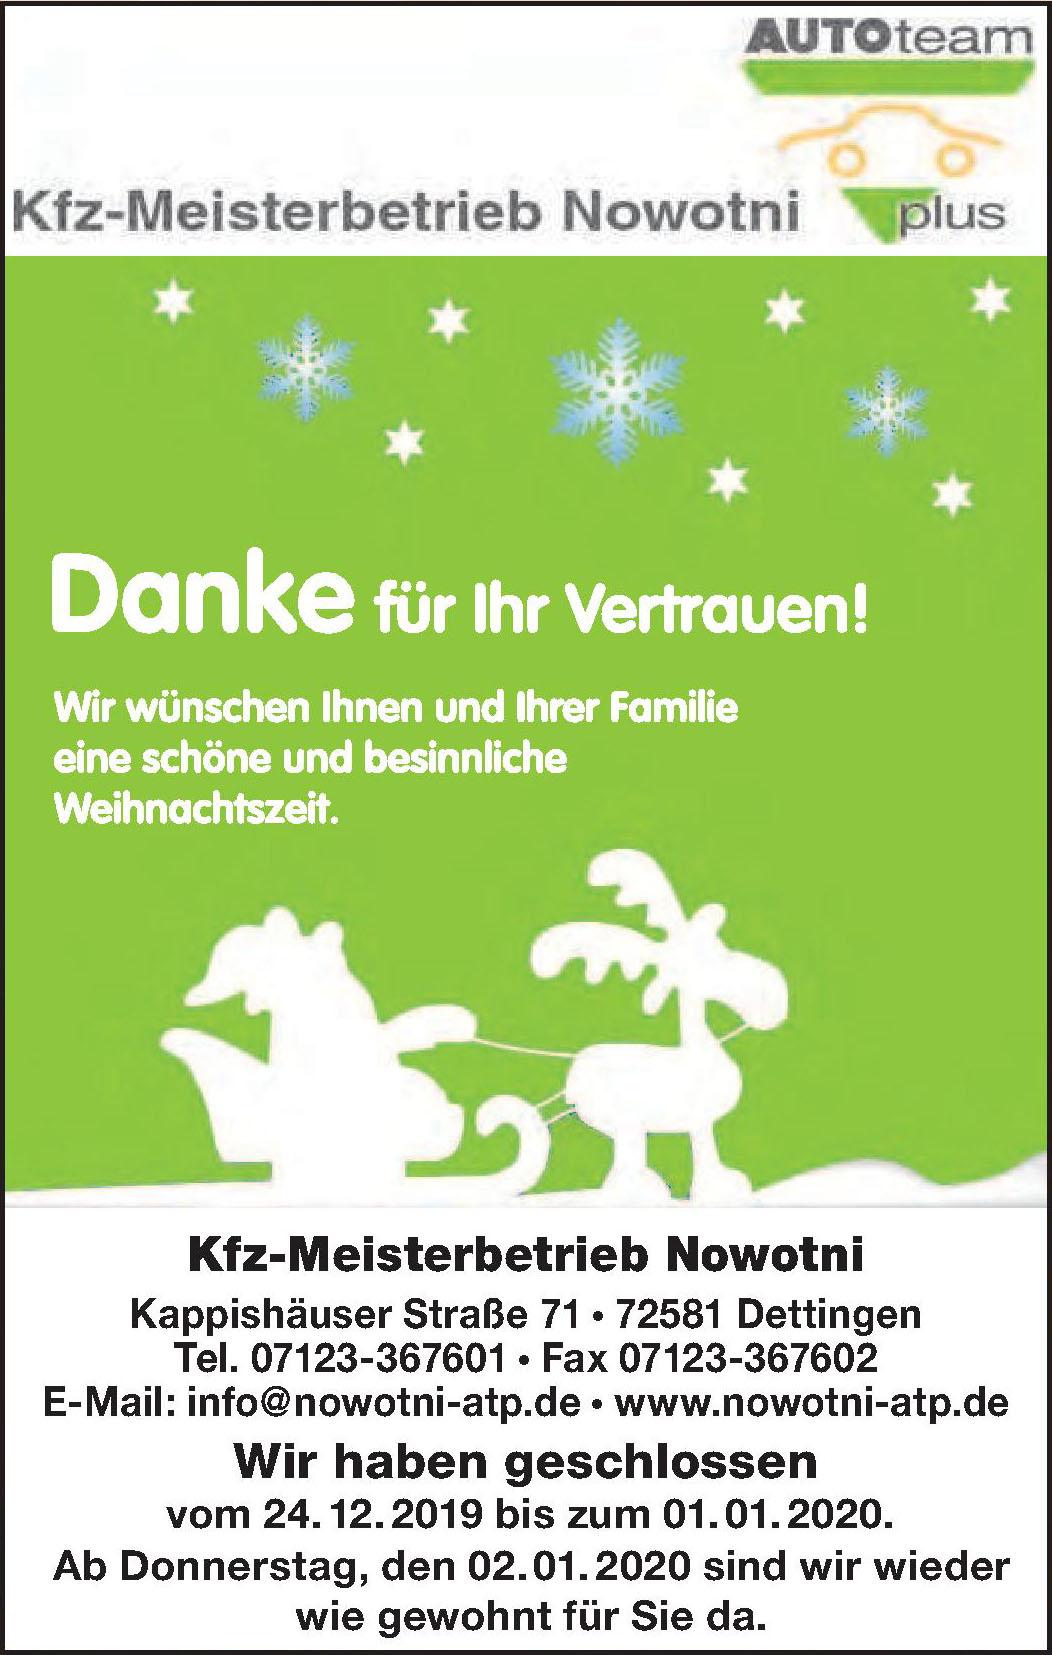 KFZ-Meisterbetrieb Nowotni